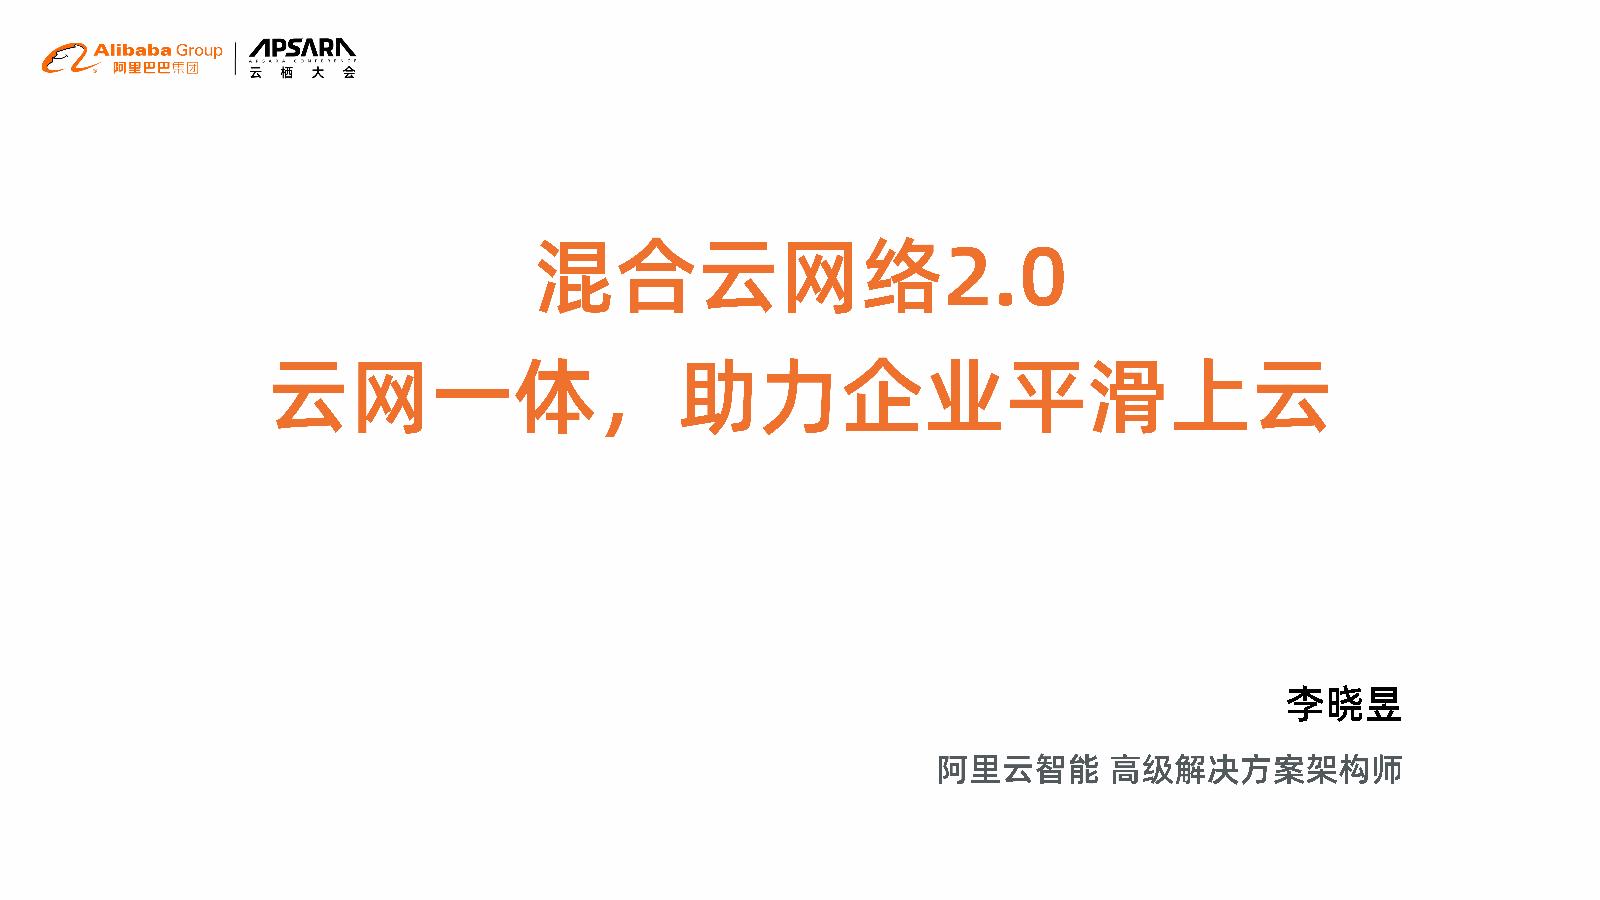 李晓昱-混合云网络20云网一体 助力企业平滑上云